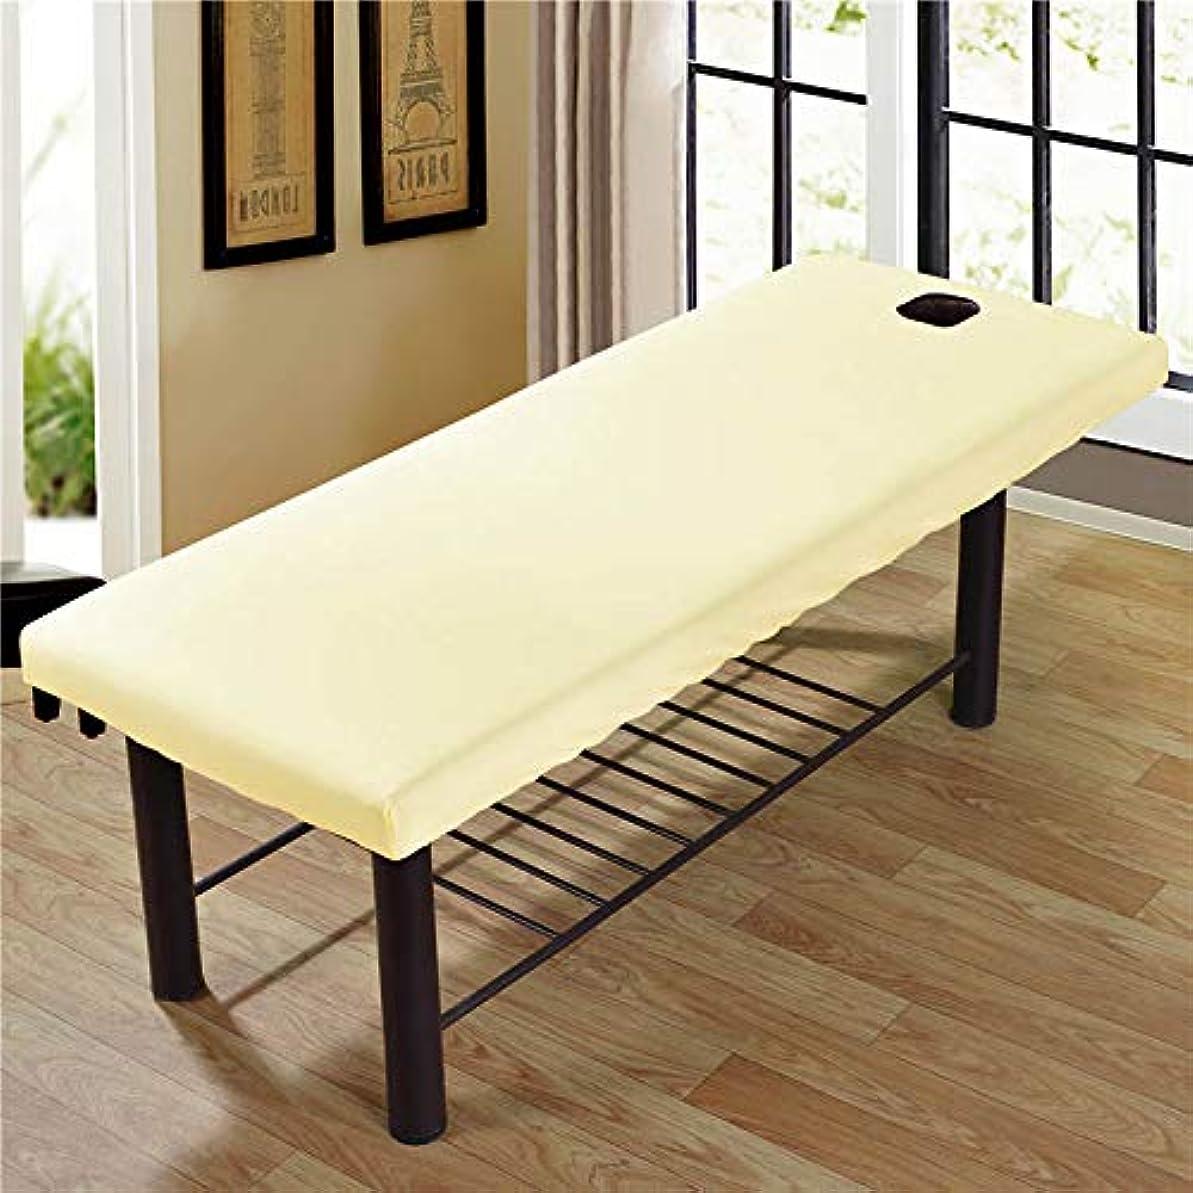 スカーフ同様の山積みのTenflyer 美容院のマッサージ療法のベッドのための柔らかいSoliod色の長方形のマットレス